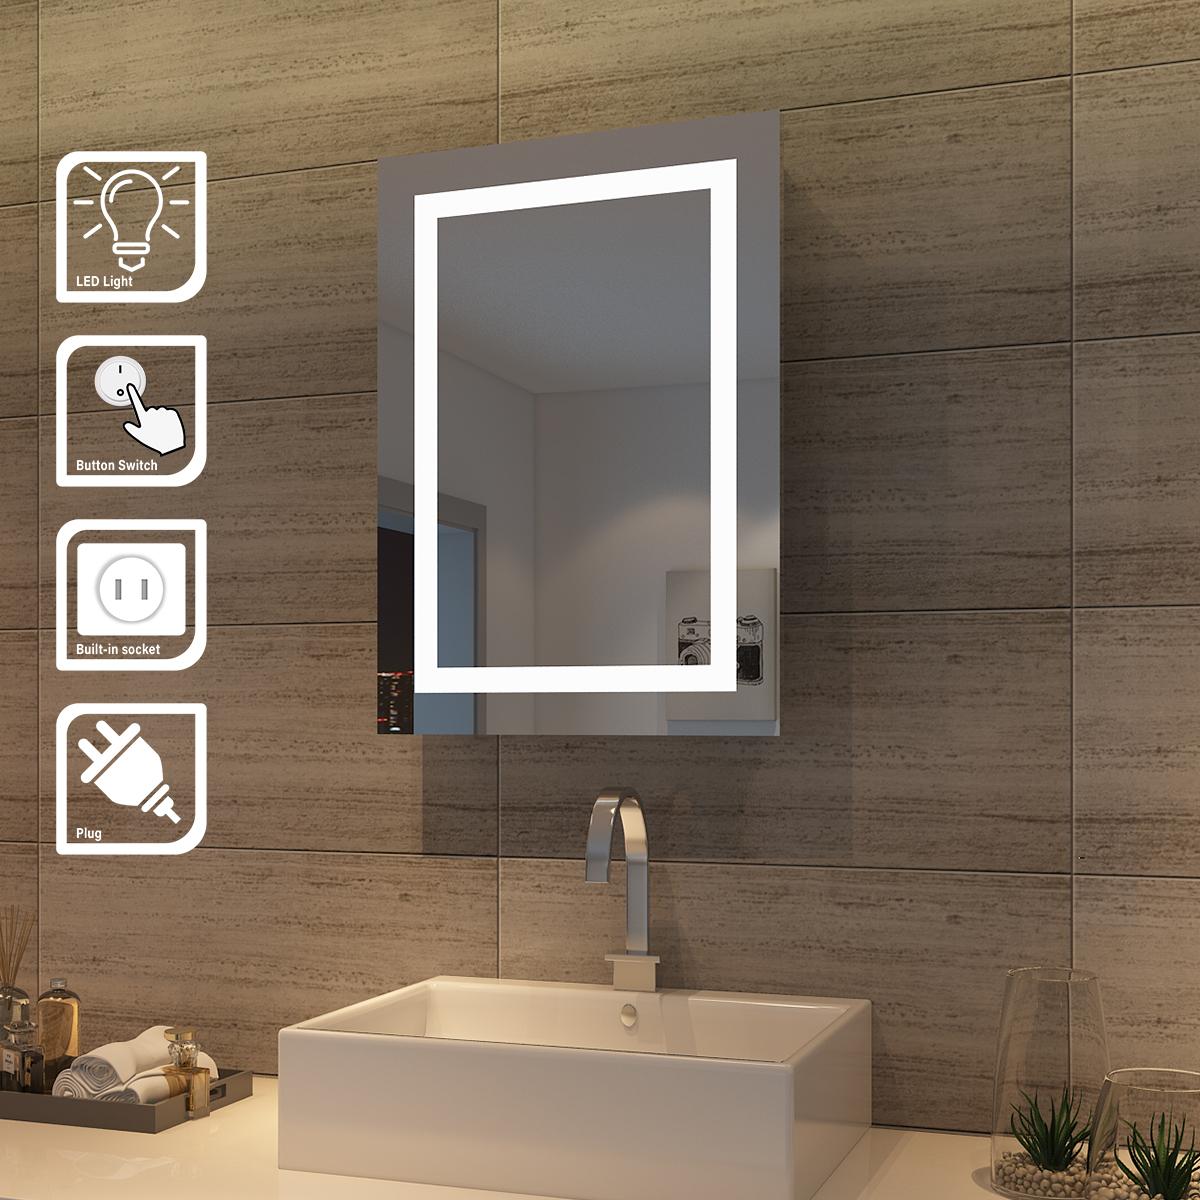 led spiegelschrank hochglanz badezimmerspiegel badschrank schiebet r beleuchtung ebay. Black Bedroom Furniture Sets. Home Design Ideas